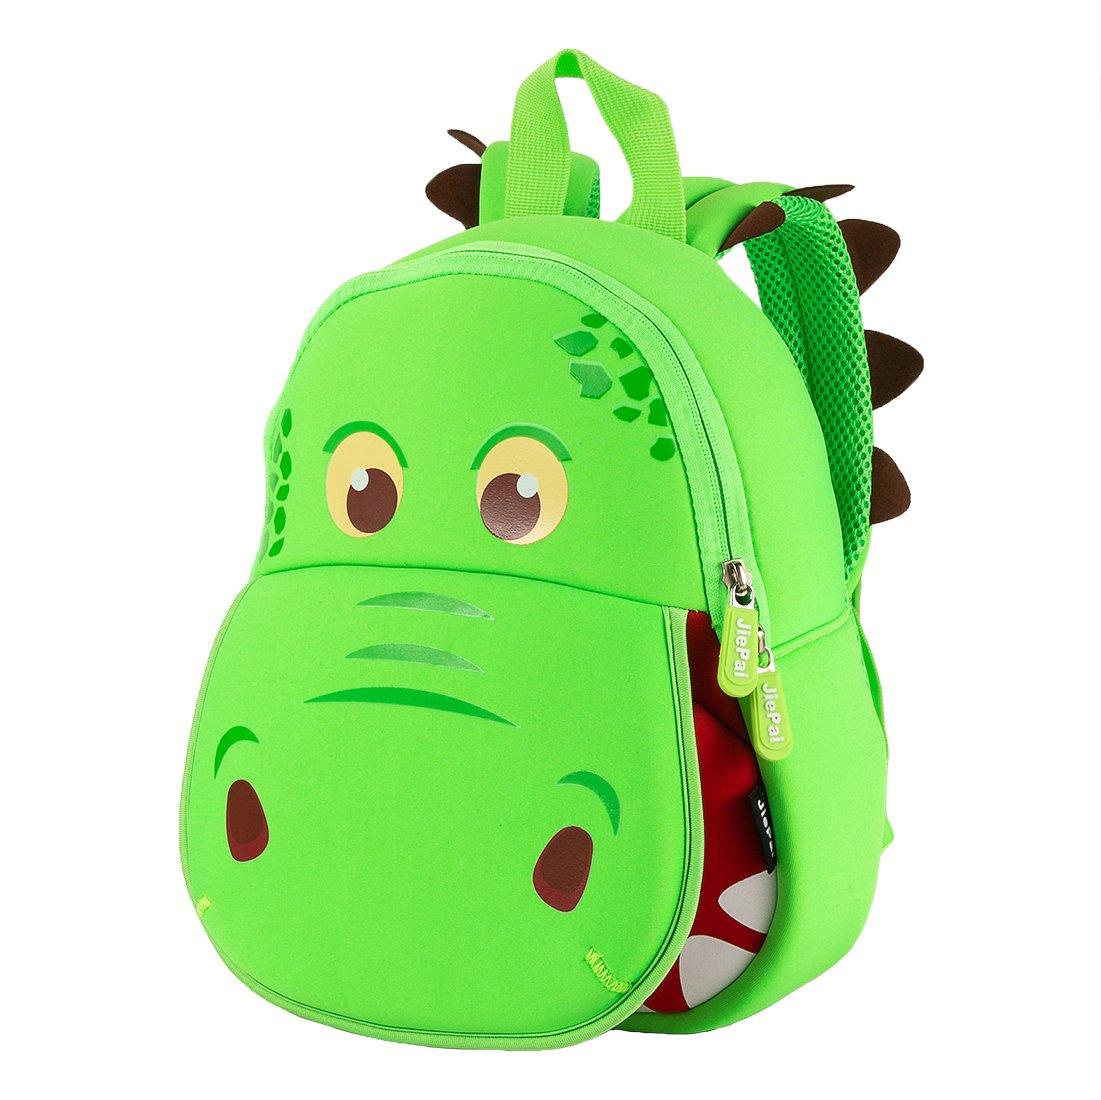 JiePai Backpack Dinosaur Waterproof Preschool